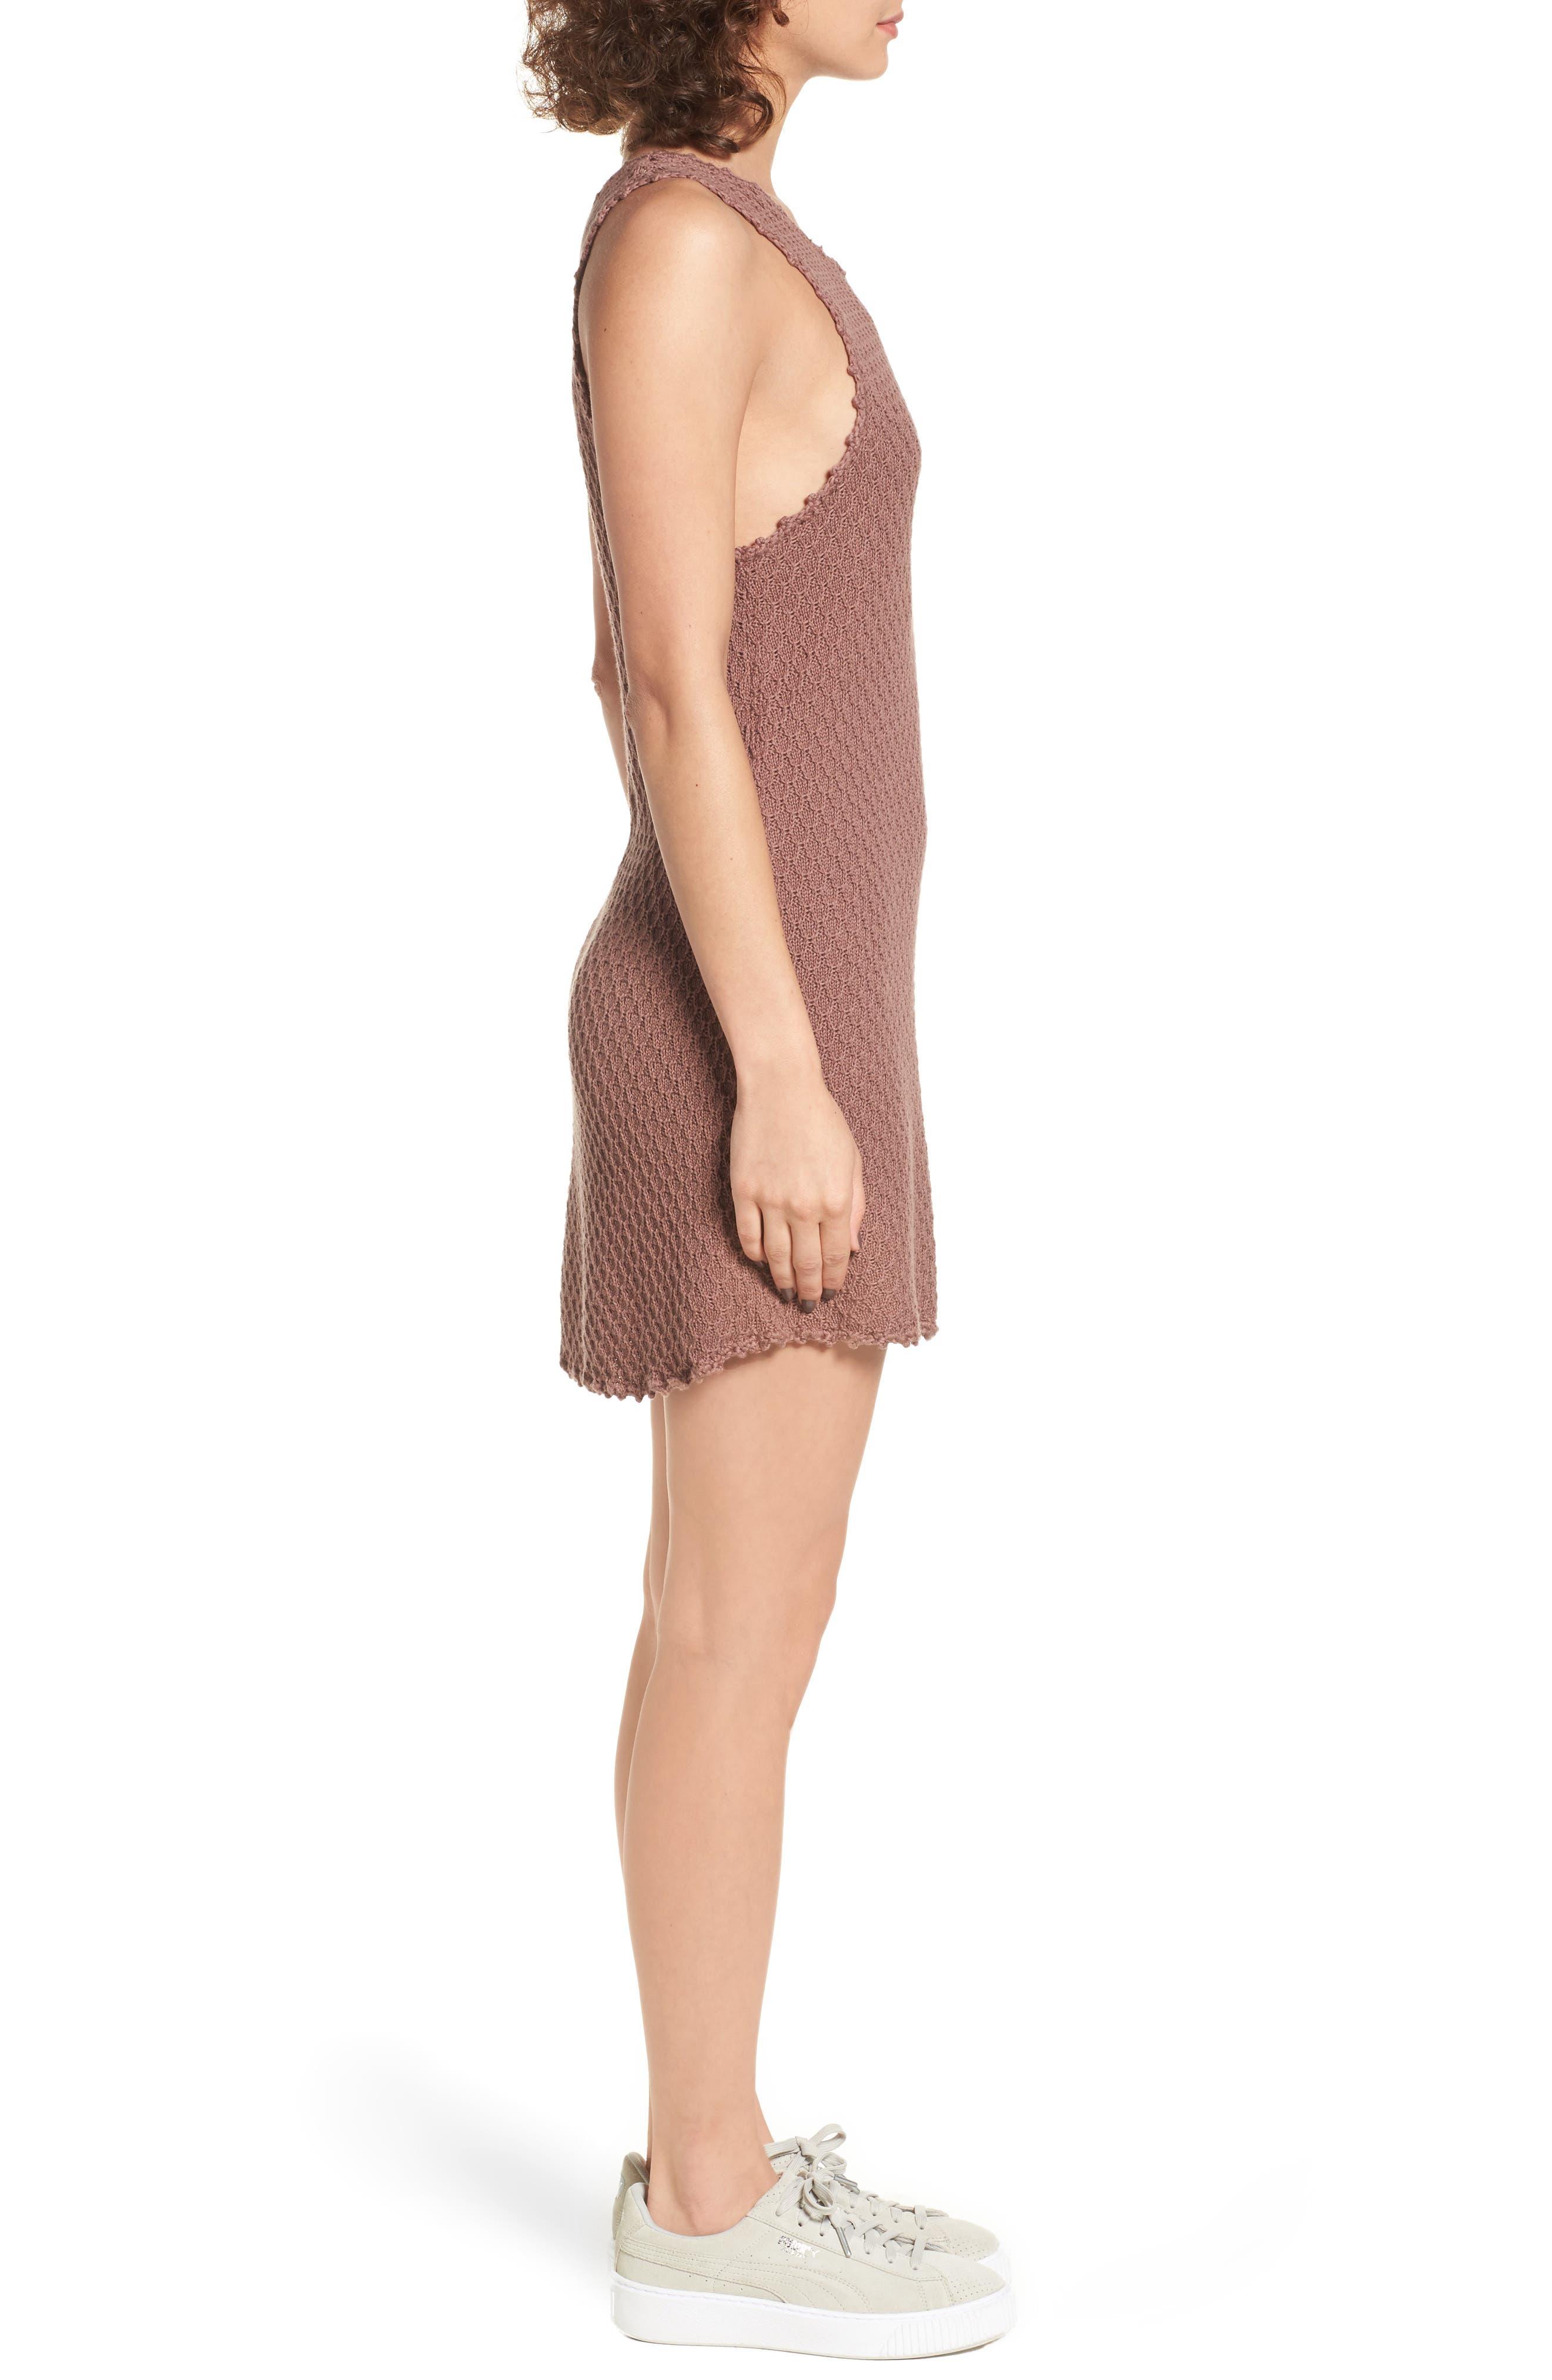 Juno Knit Dress,                             Alternate thumbnail 3, color,                             200